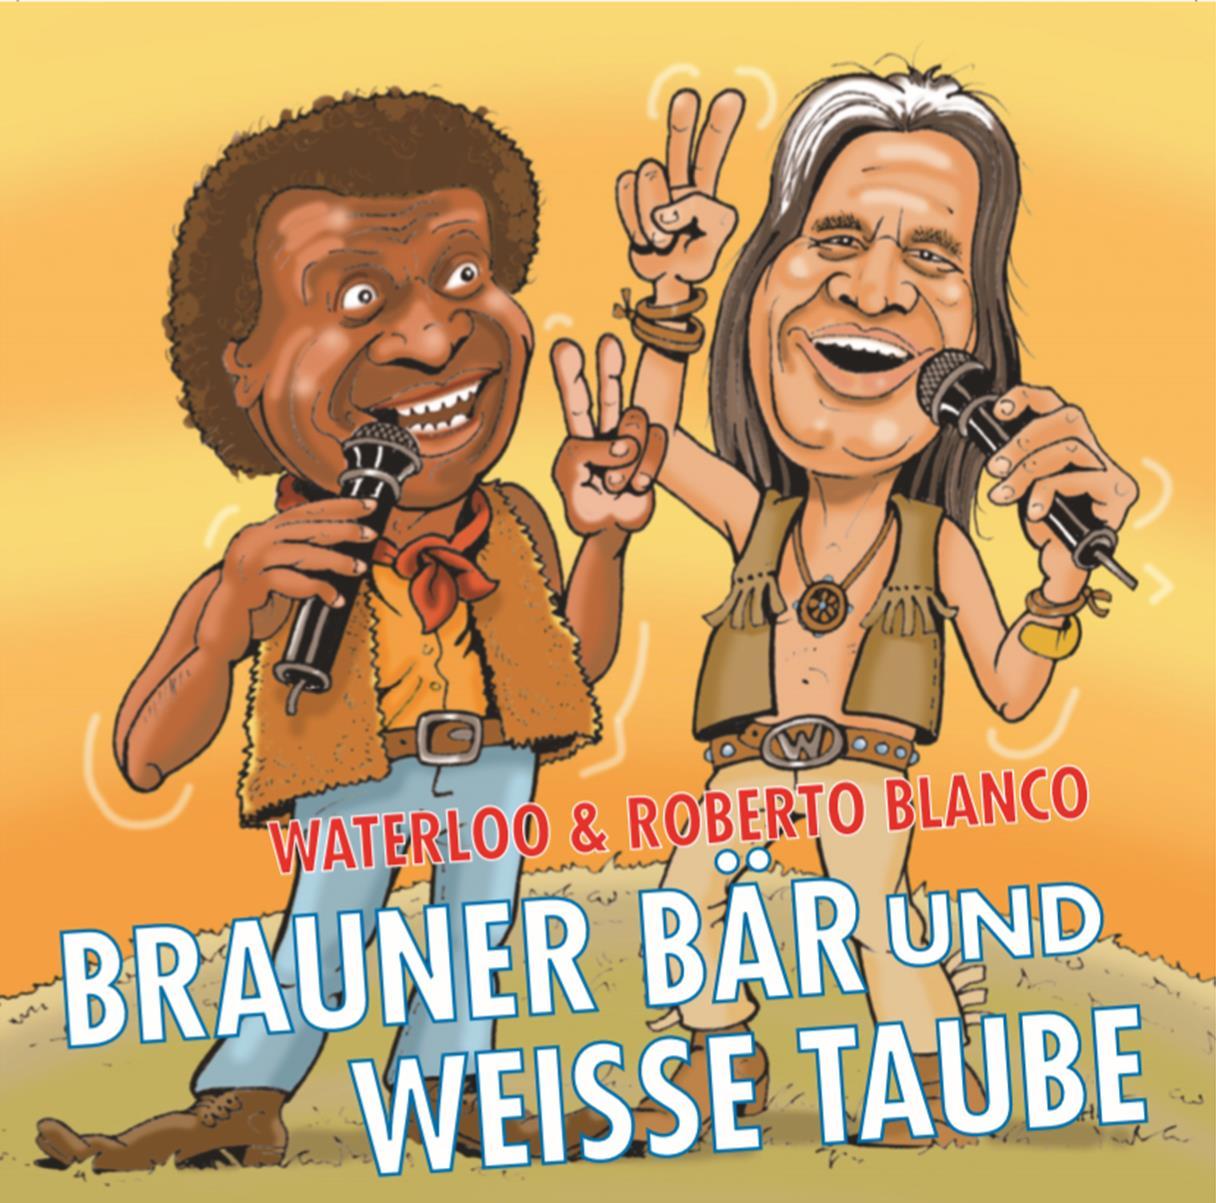 Brauner Bär und Weiße Taube – Waterloo & Roberto Blanco (2016)